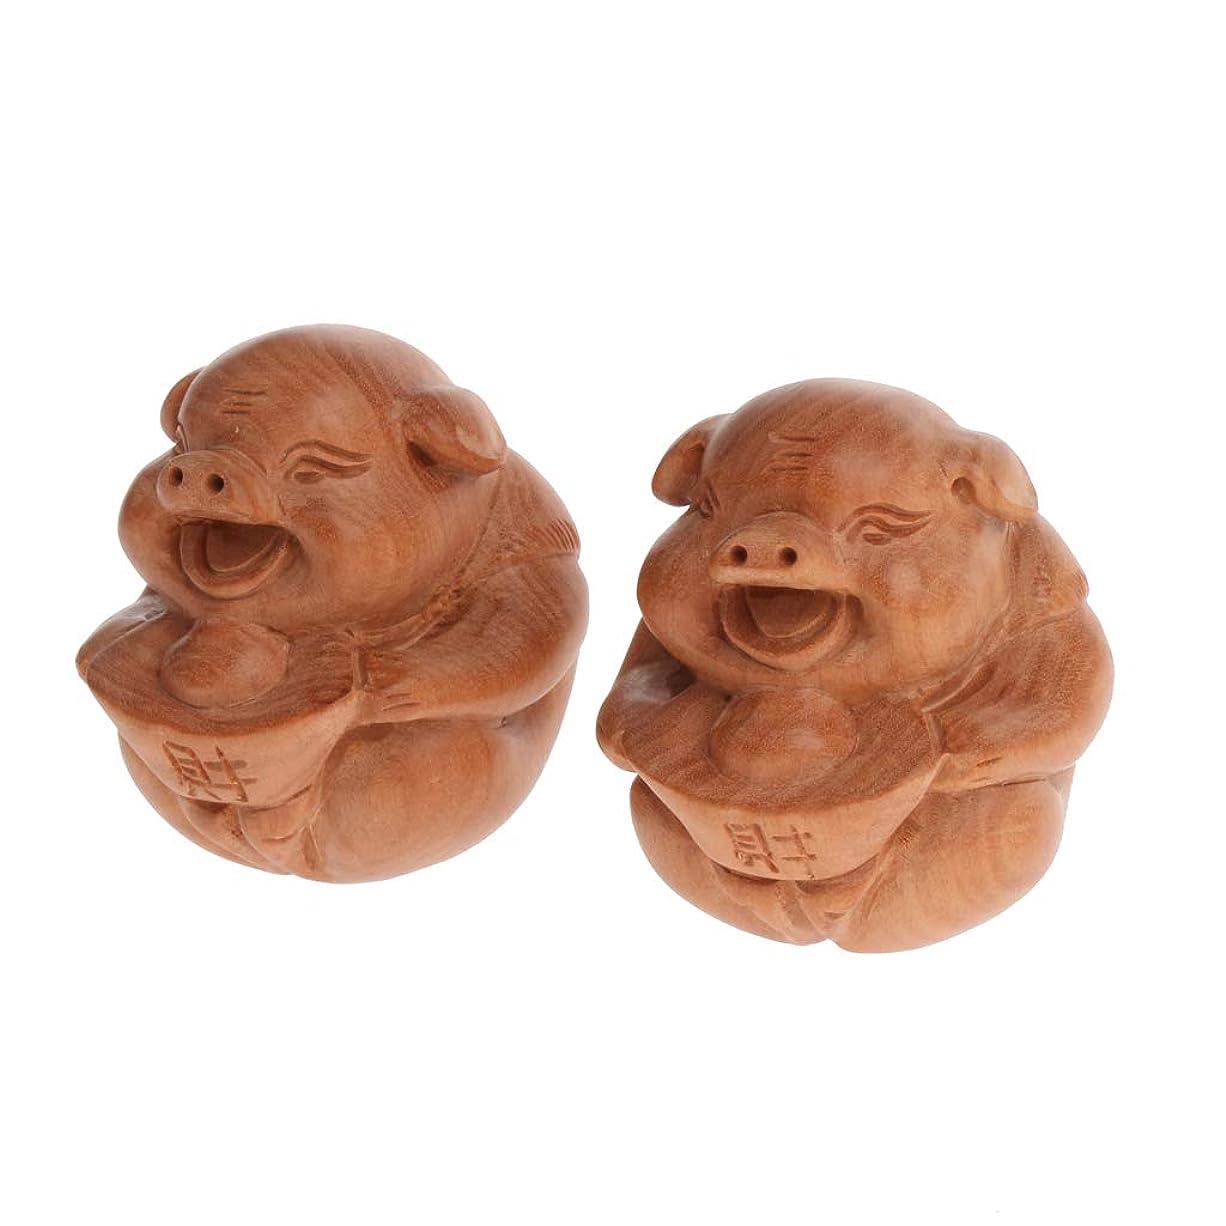 早い意味ライバルchiwanji 木製 指エクササイズ ボール マッサージボール フェイシャルエステツール 持ち運び 可能